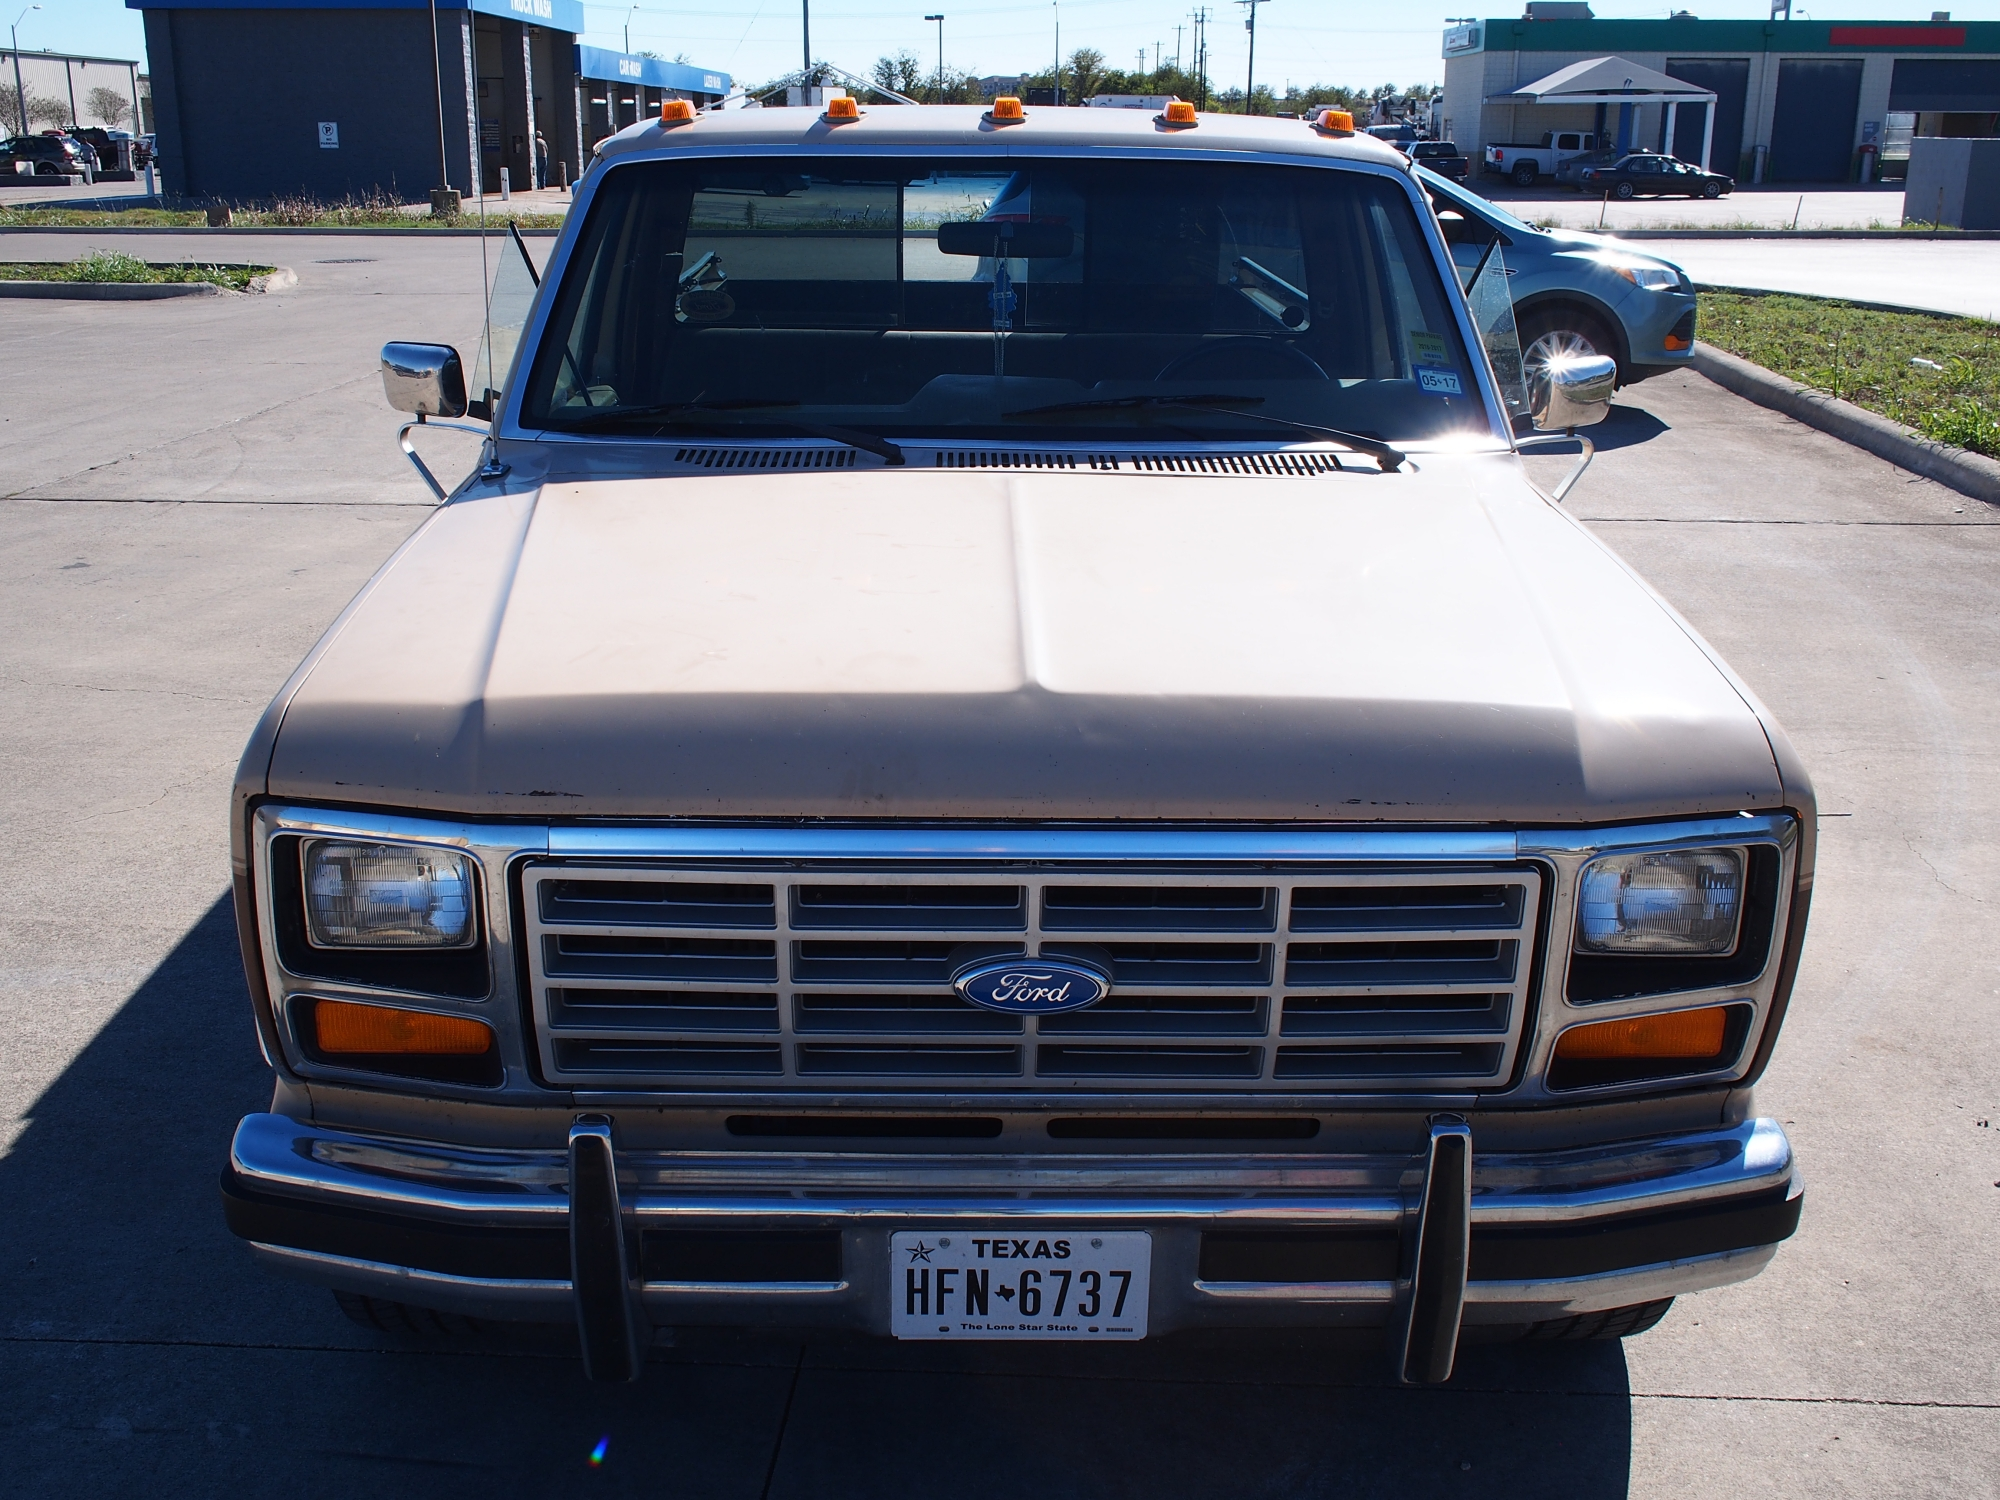 Ford F 150 1986 Precious Cars Berlin Xlt Der F150 In Texas